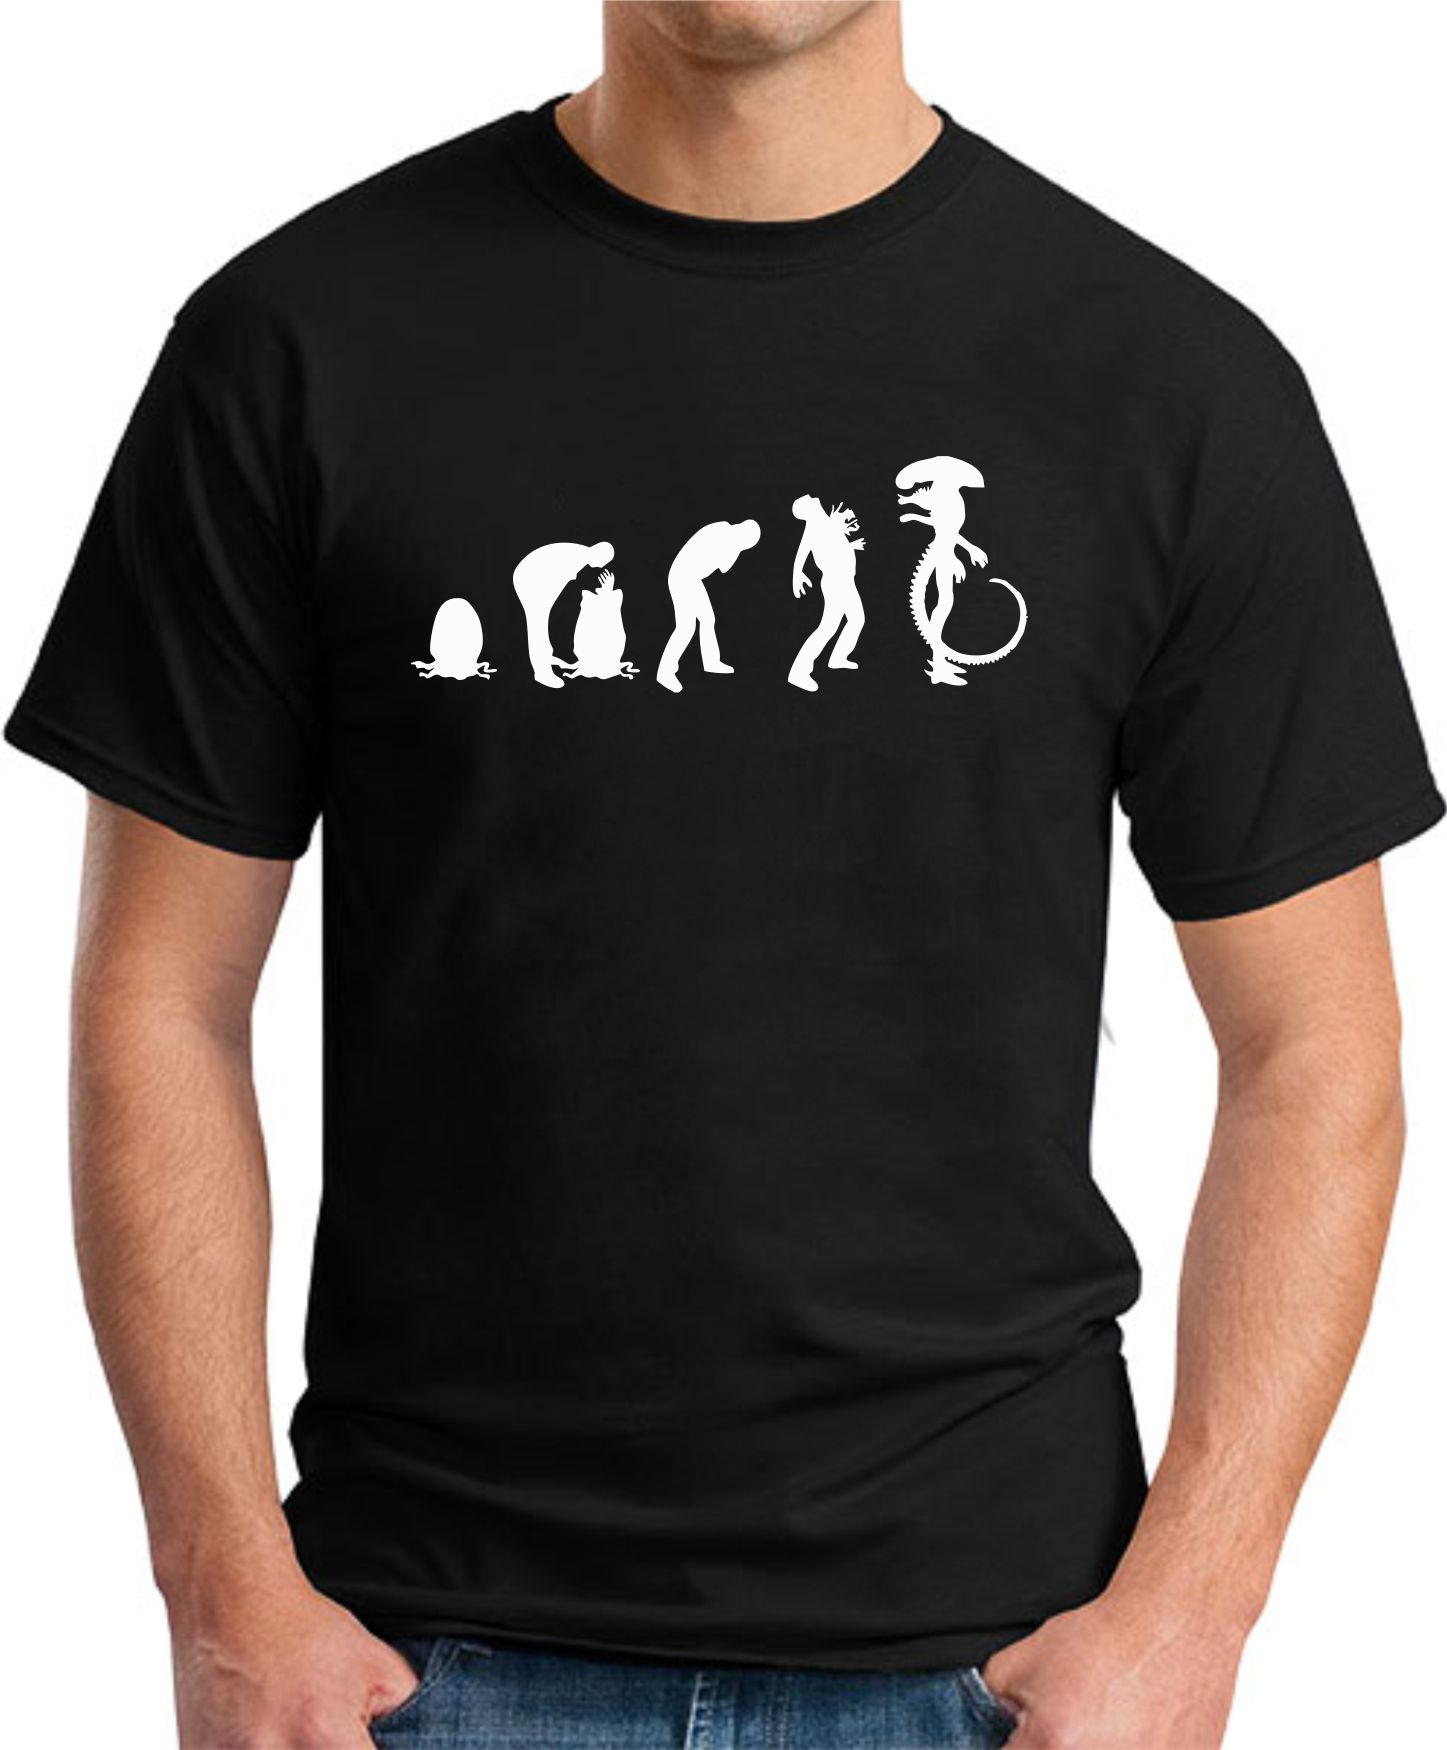 ALIEN EVOLUTION black